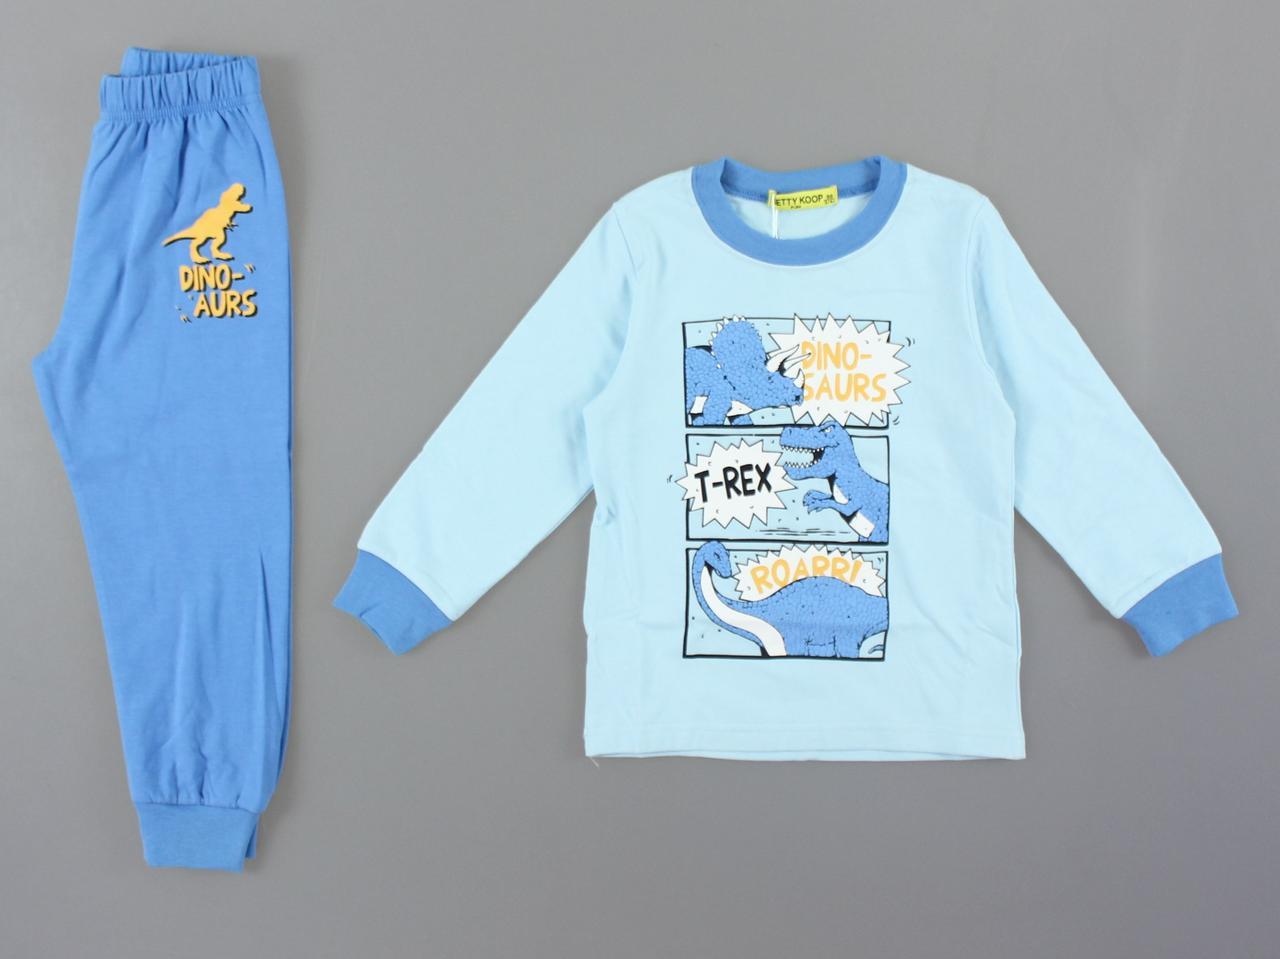 {есть:3 года,4 года,6 лет,7 лет} Пижама для мальчиков Setty Koop, Артикул: PJM096 [4 года]